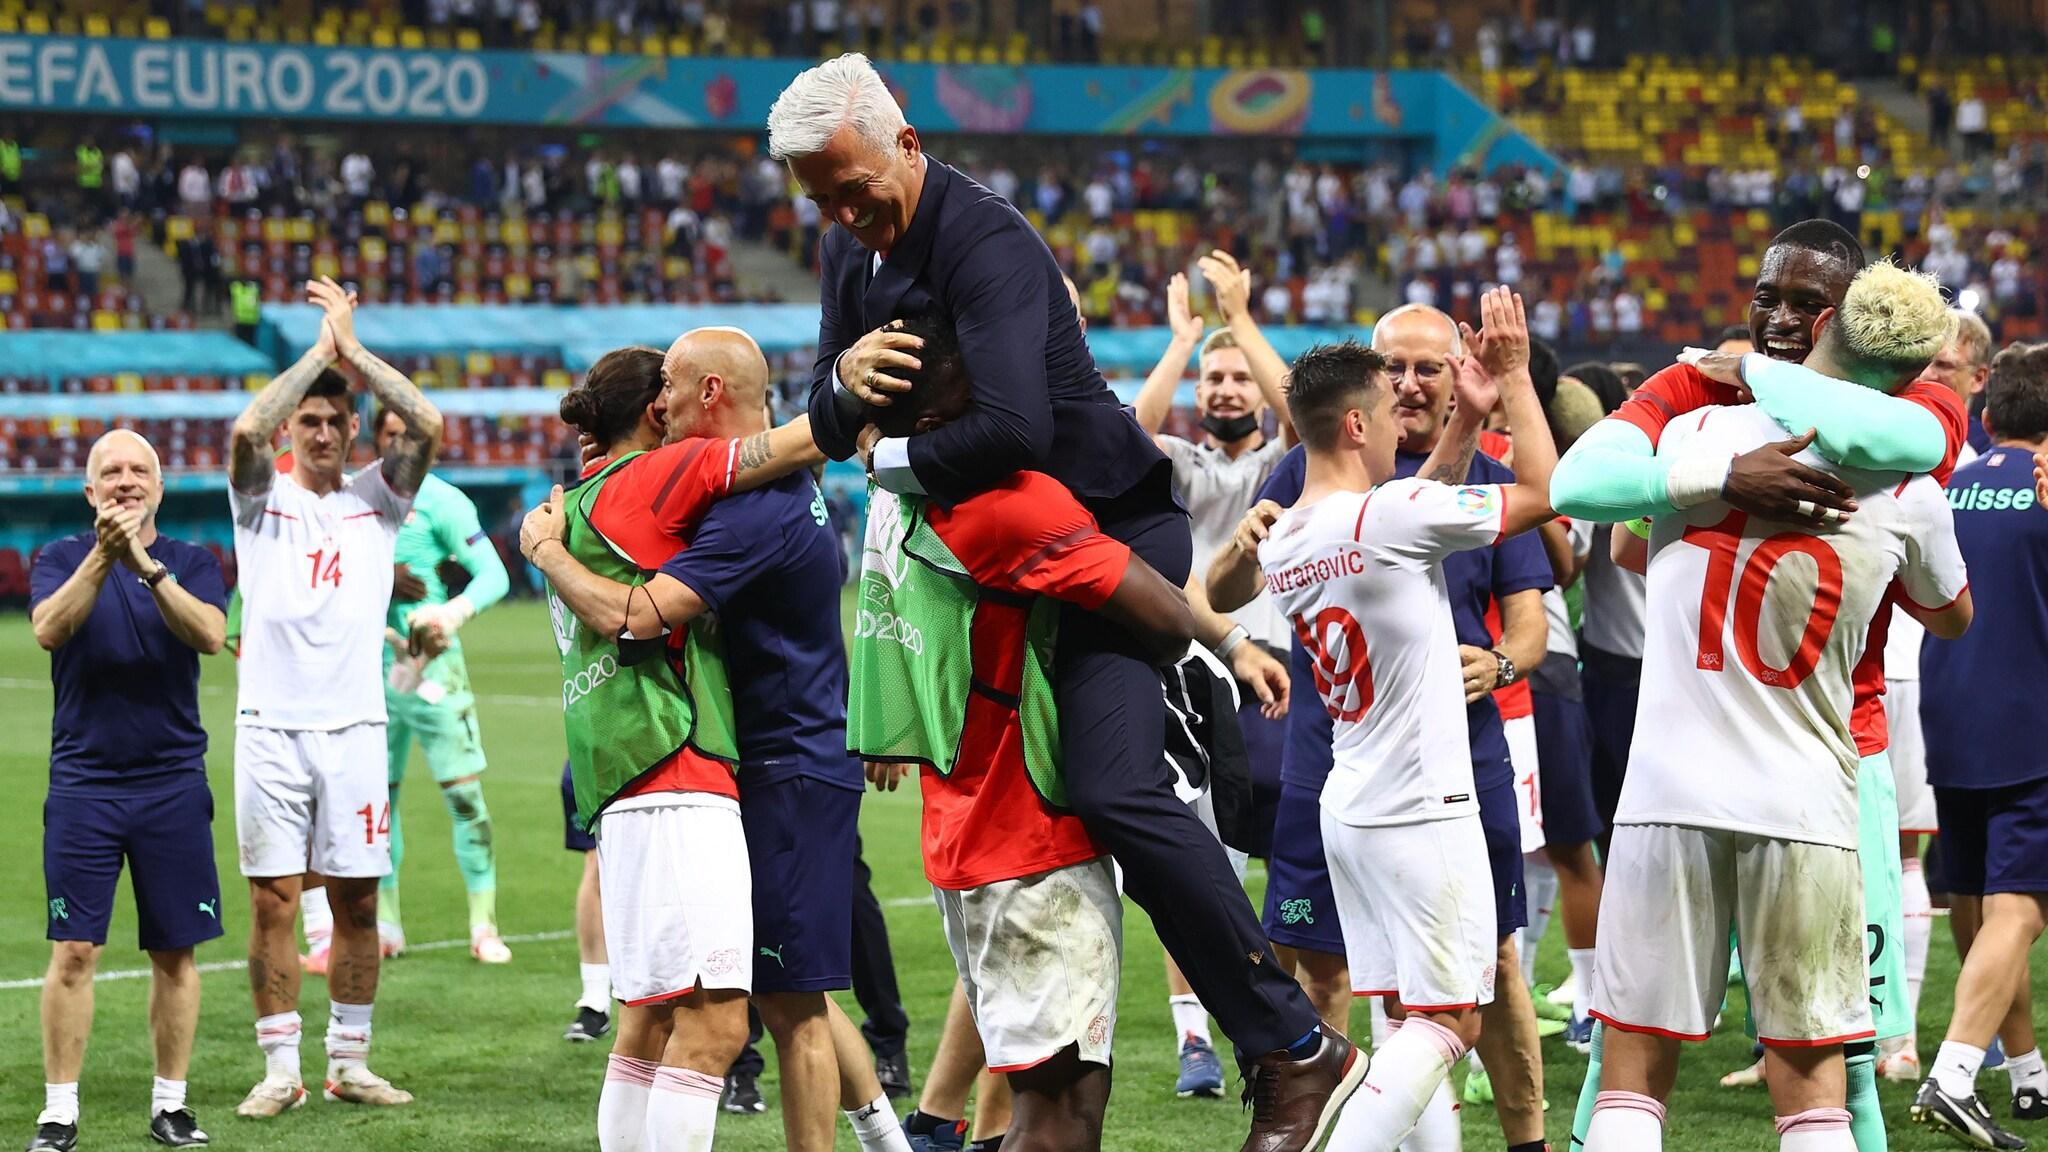 Thụy Sĩ - Tây Ban Nha: Chờ bất ngờ ở Saint Petersburg -0